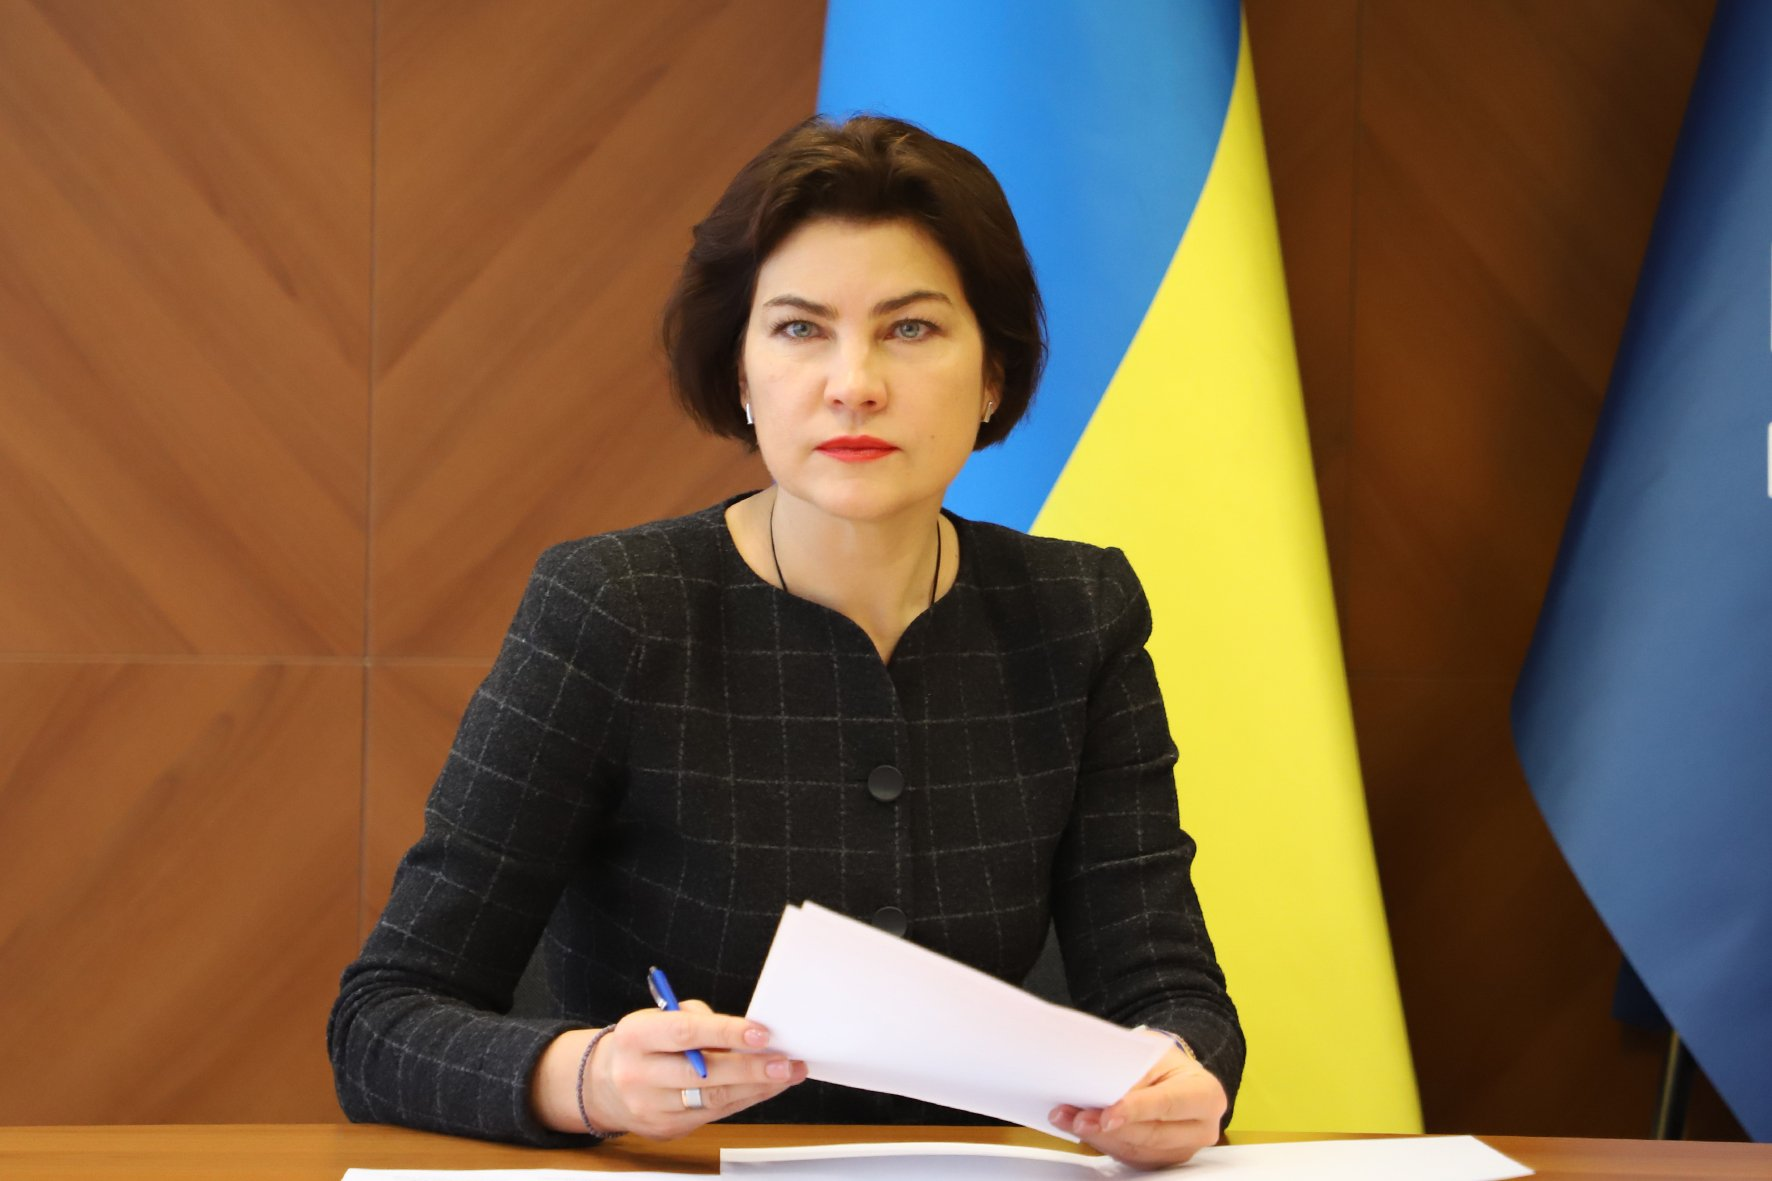 Прокурорше пригрозили серьезные люди: почему Венедиктова не реагирует на громкие разоблачения Жвании - today.ua